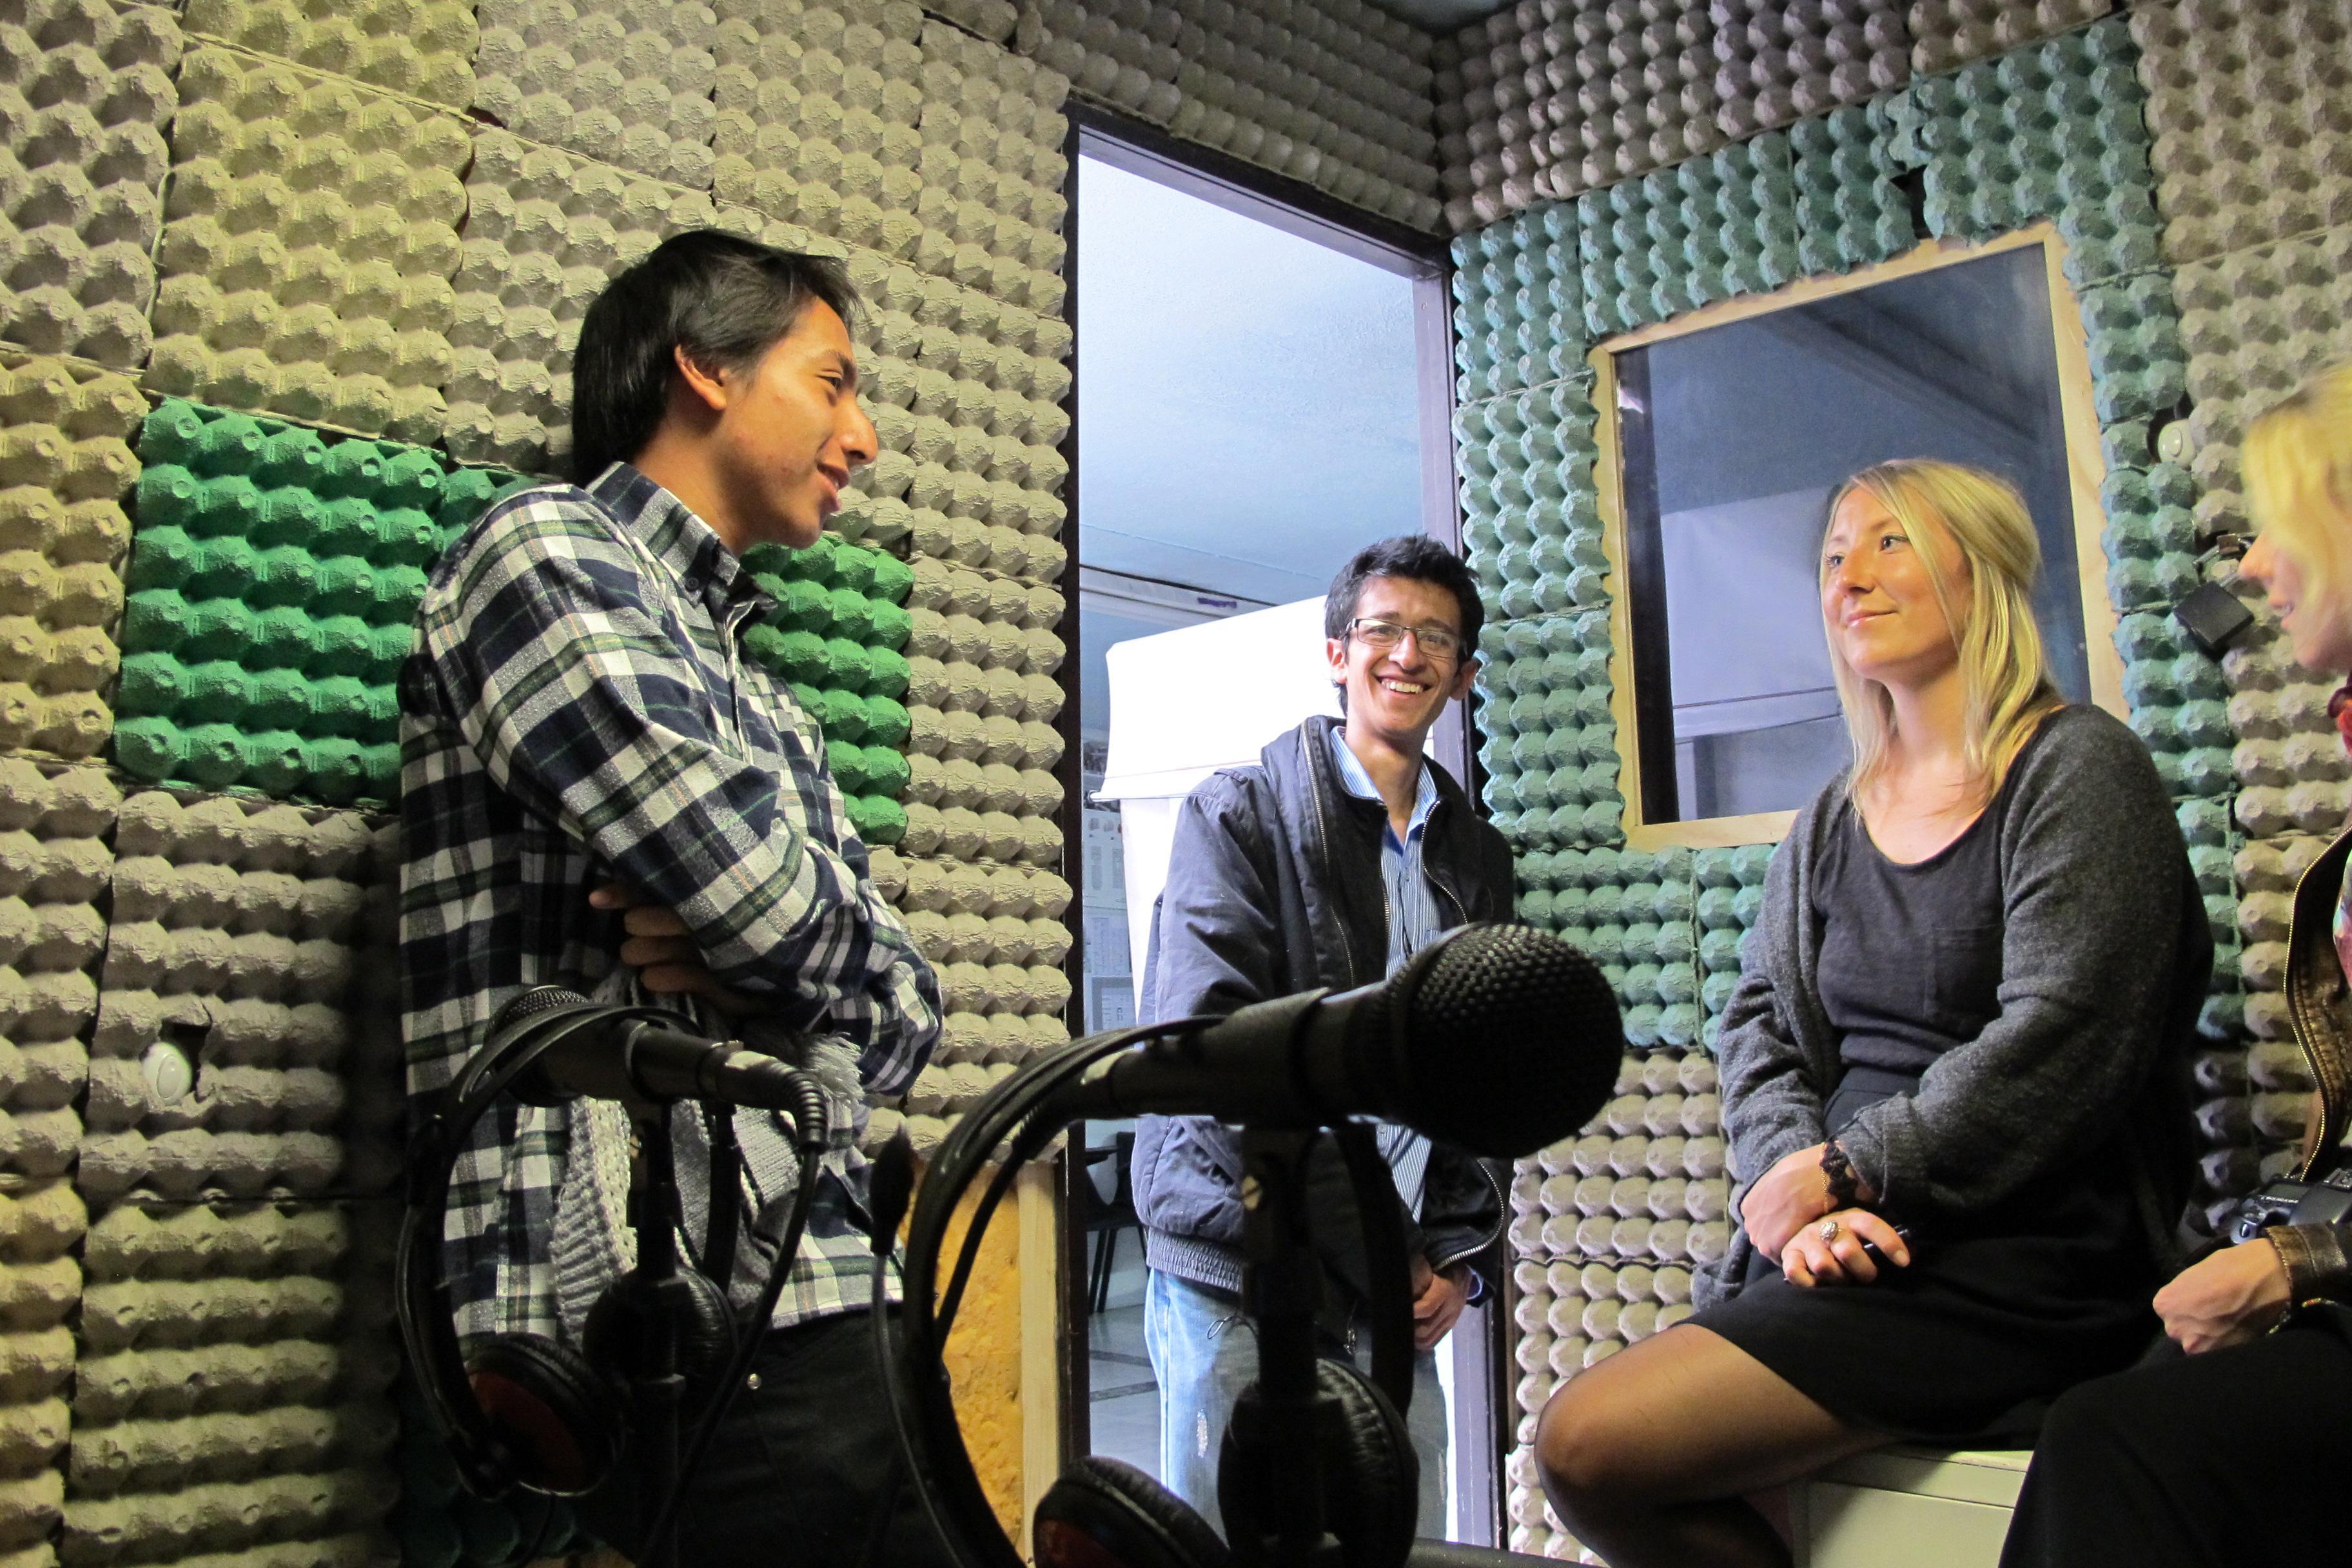 Teusaradio recibieron microfondos de PeaceWorks en 2015